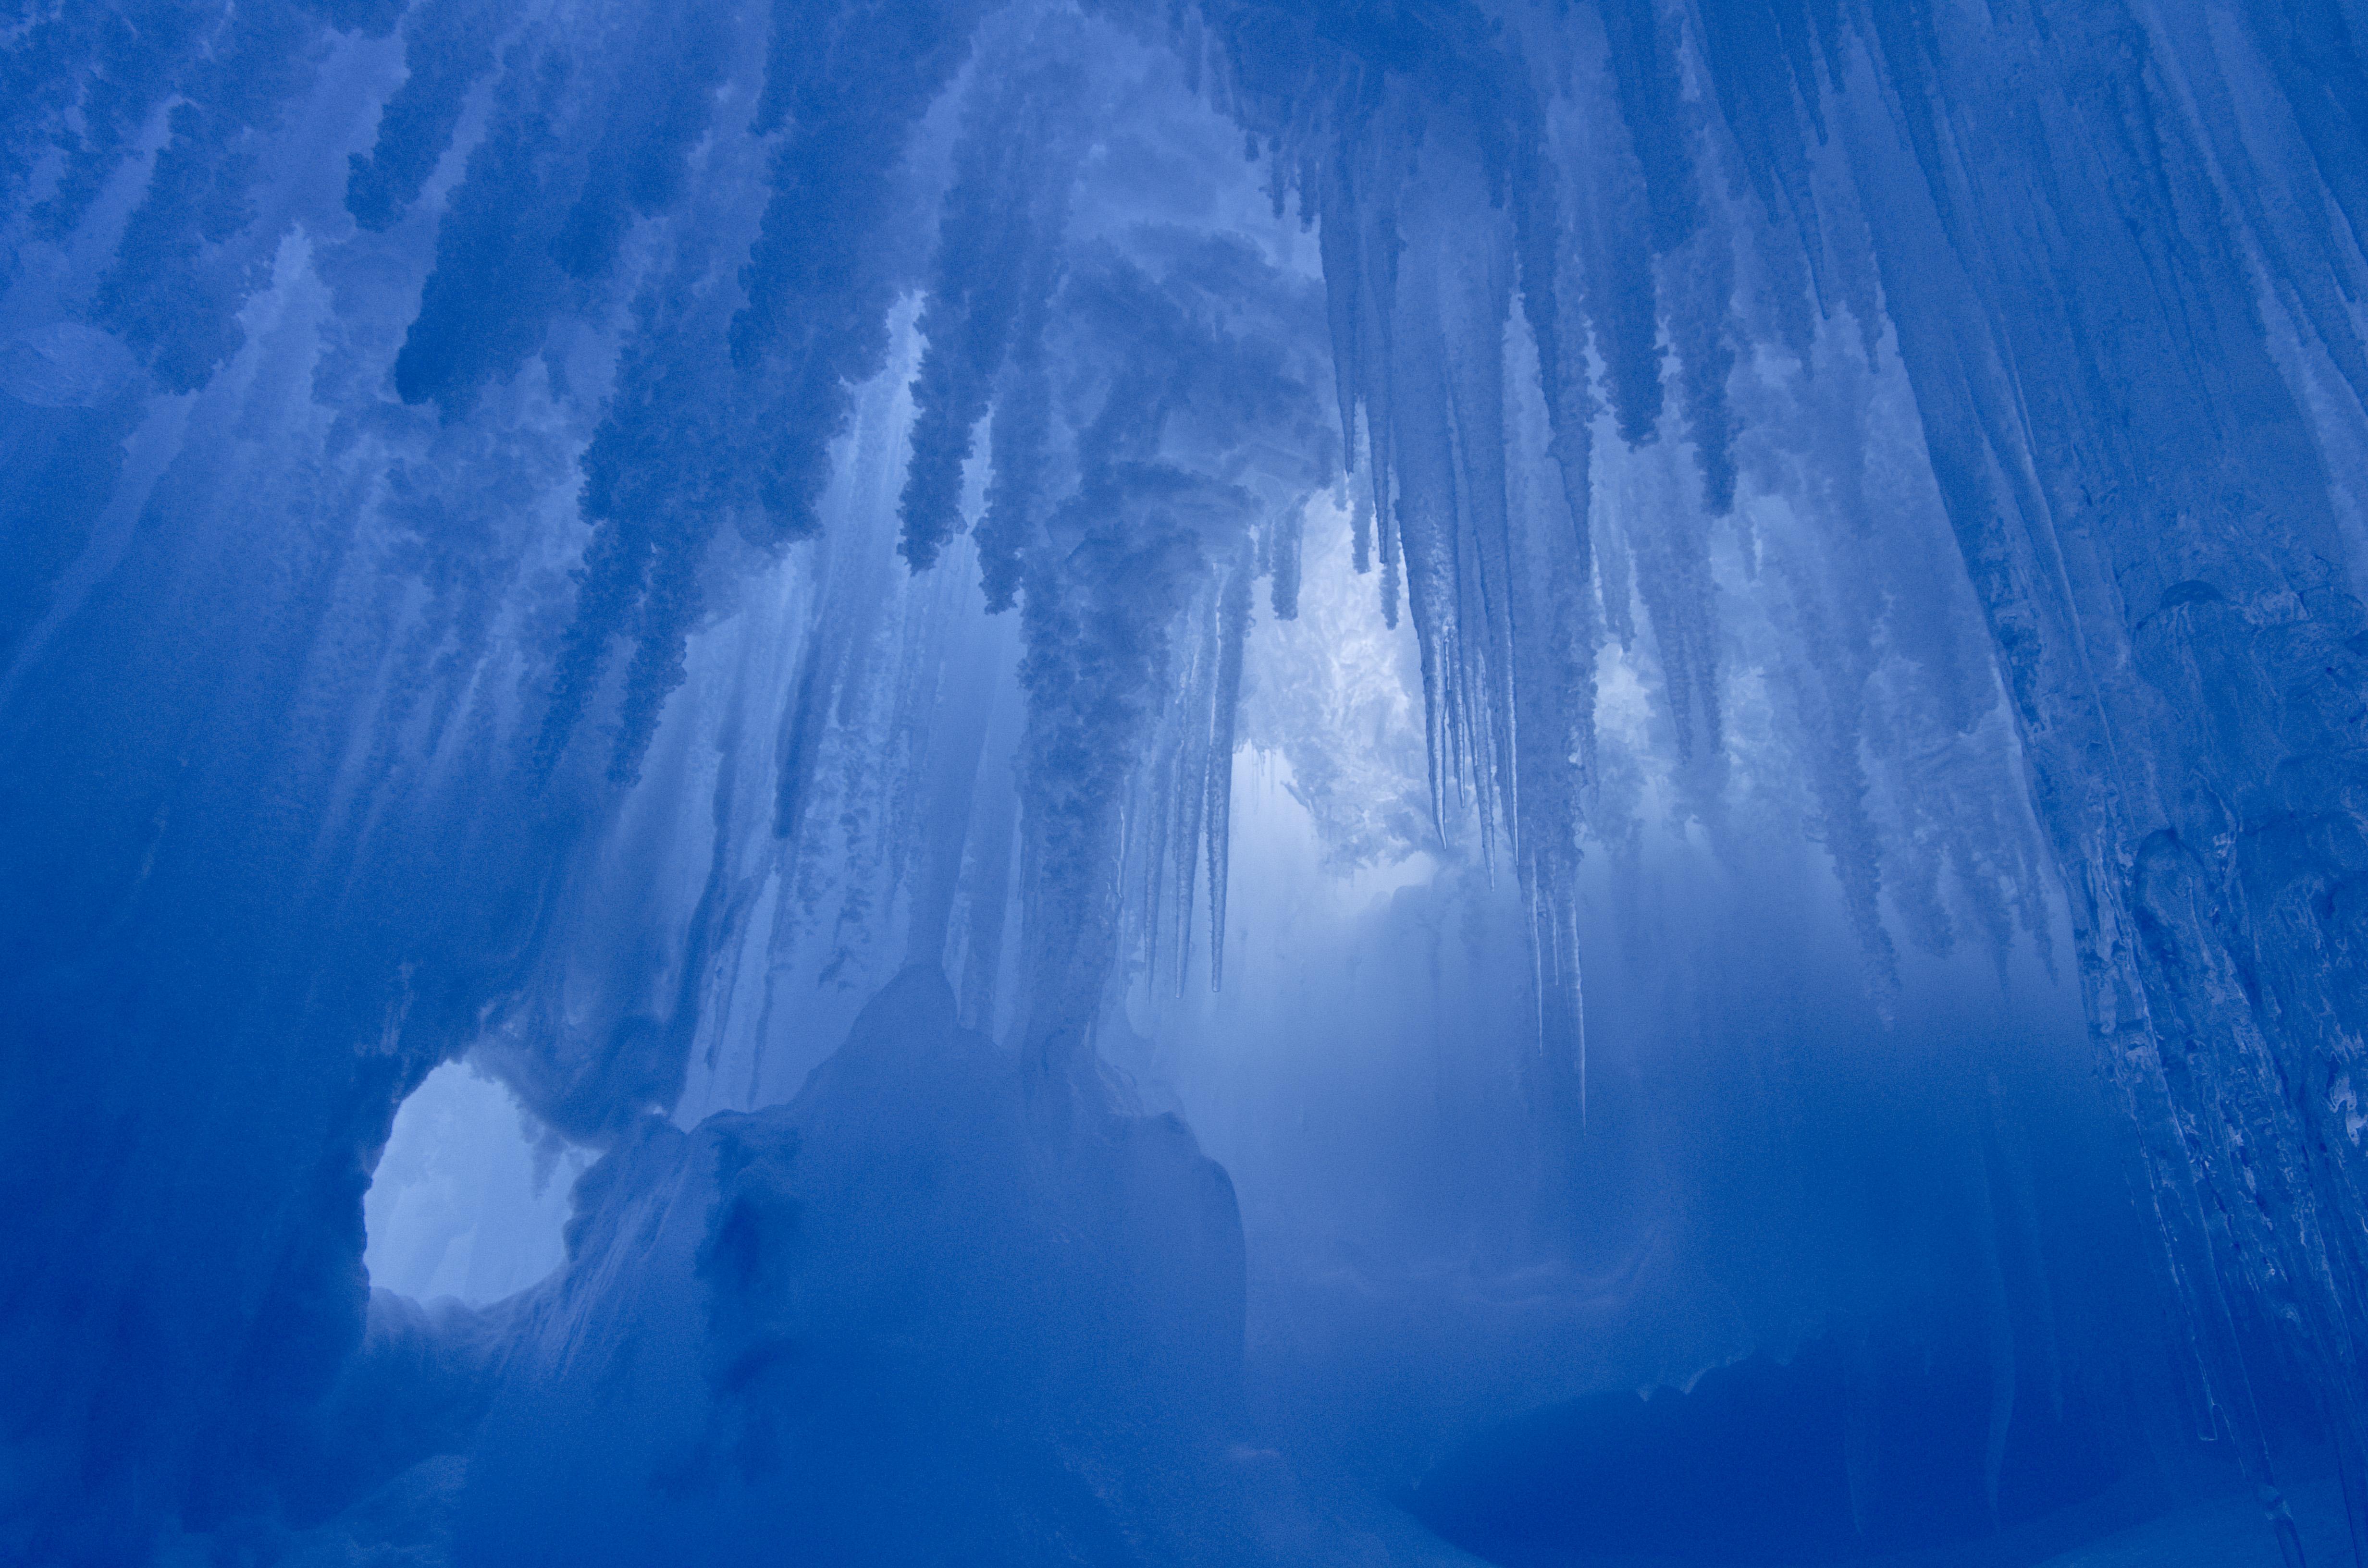 ice-h_20121209_001-1